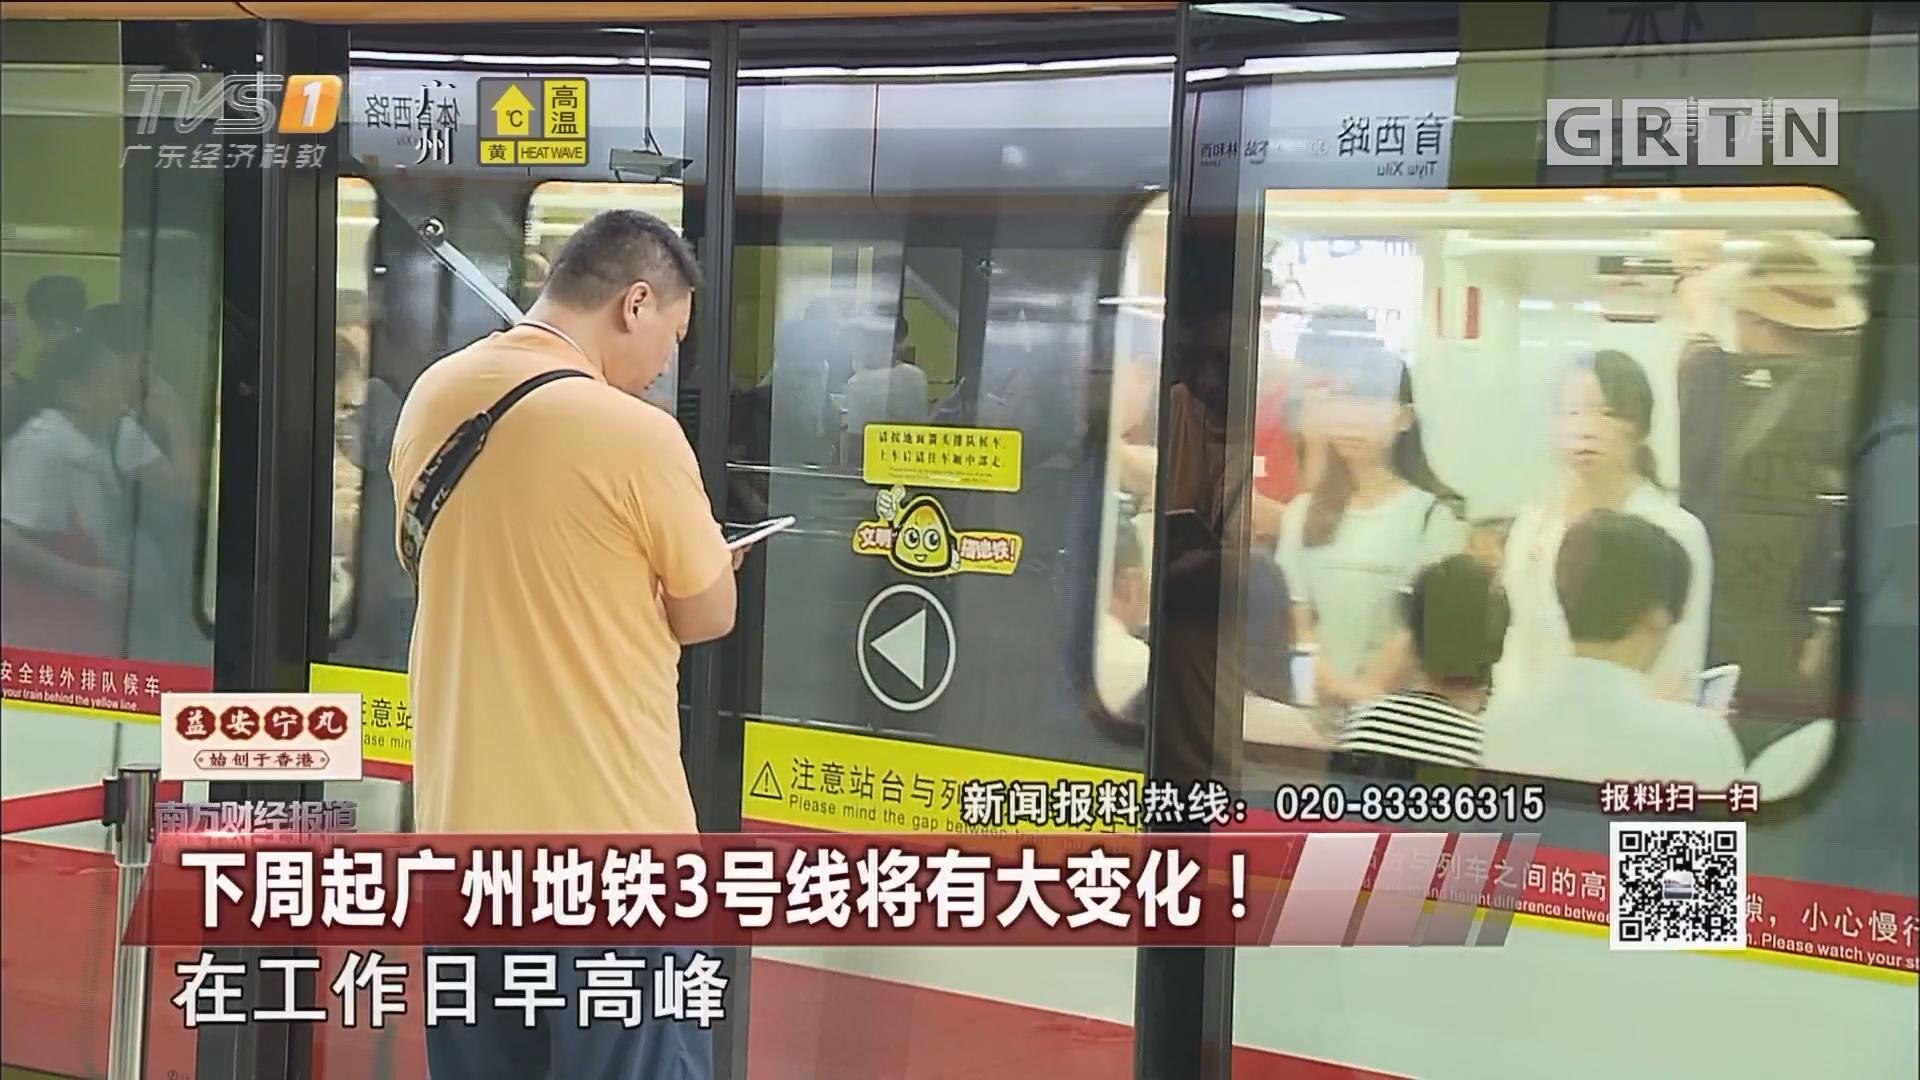 下周起广州地铁3号线将有大变化!